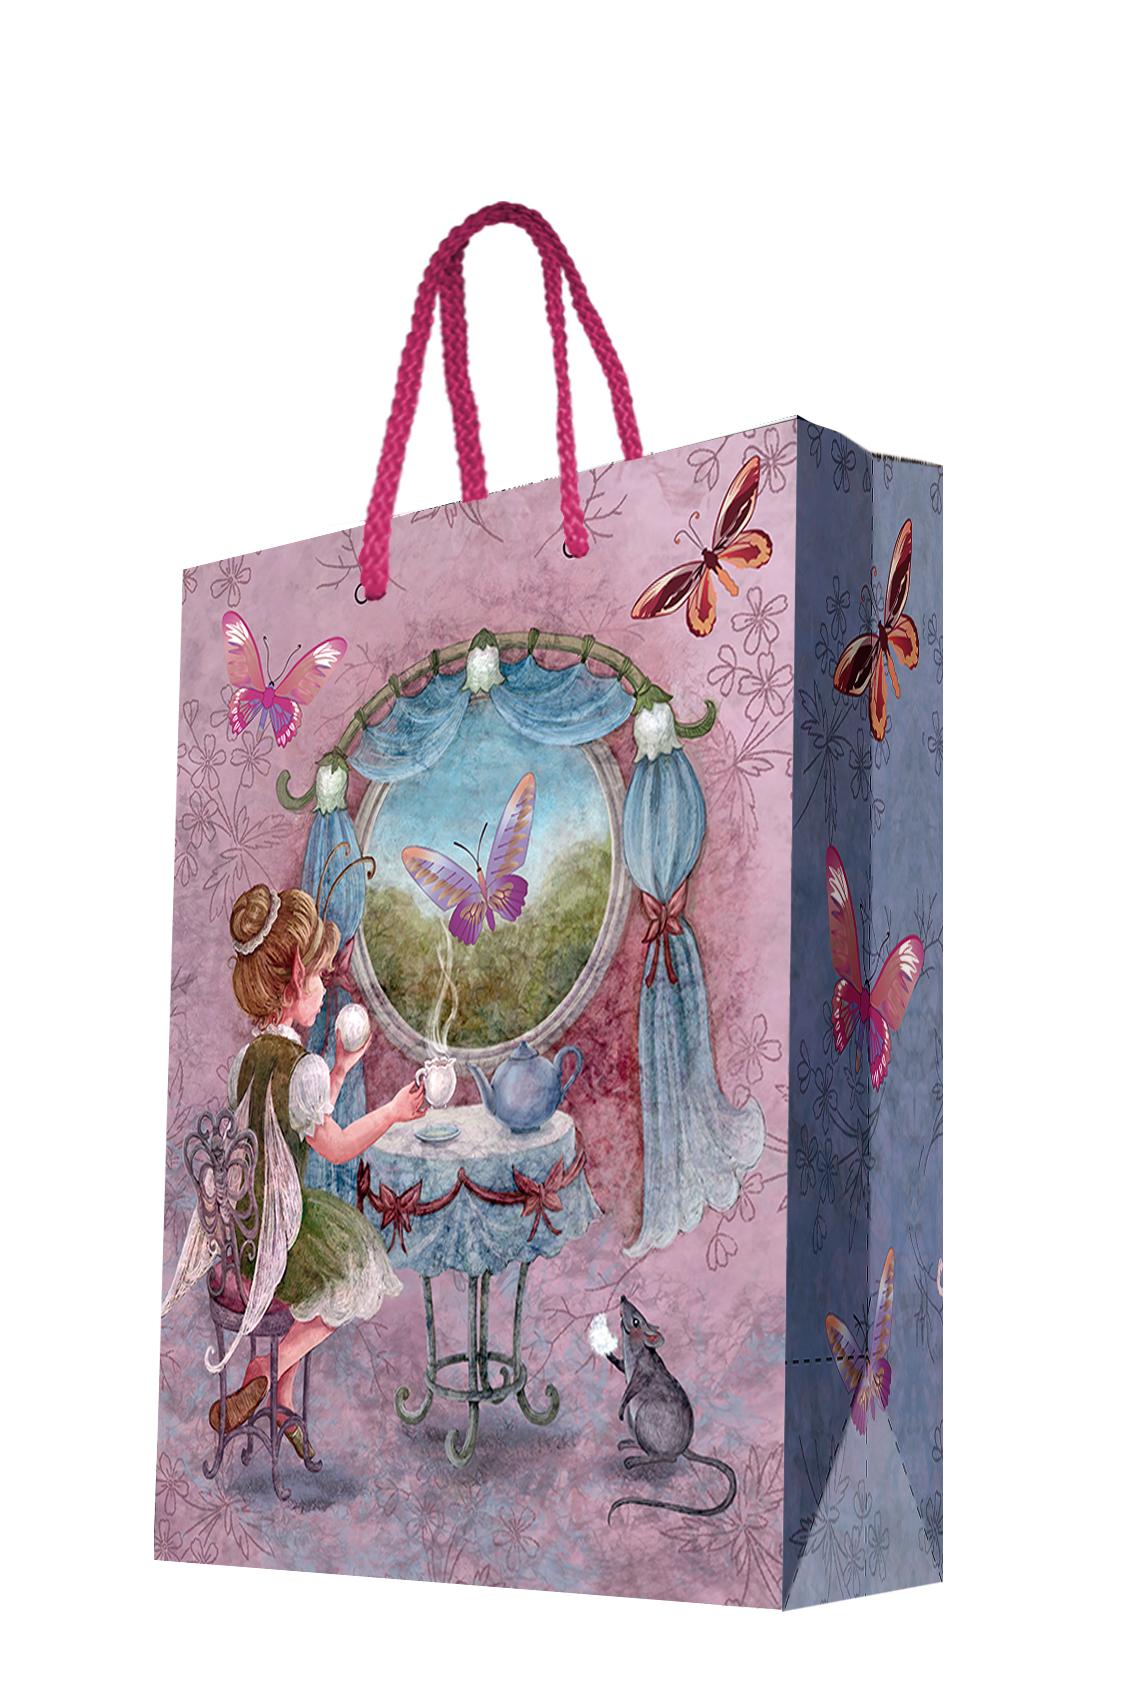 Пакет подарочный Magic Home Волшебное чаепитие, 26 х 32,4 х 12,7 см44196Подарочный пакет Magic Home, изготовленный из плотной бумаги, станет незаменимым дополнением к выбранному подарку. Дно изделия укреплено картоном, который позволяет сохранить форму пакета и исключает возможность деформации дна под тяжестью подарка. Пакет выполнен с глянцевой ламинацией, что придает ему прочность, а изображению - яркость и насыщенность цветов. Для удобной переноски имеются две ручки в виде шнурков. Подарок, преподнесенный в оригинальной упаковке, всегда будет самым эффектным и запоминающимся. Окружите близких людей вниманием и заботой, вручив презент в нарядном, праздничном оформлении. Плотность бумаги: 140 г/м2.